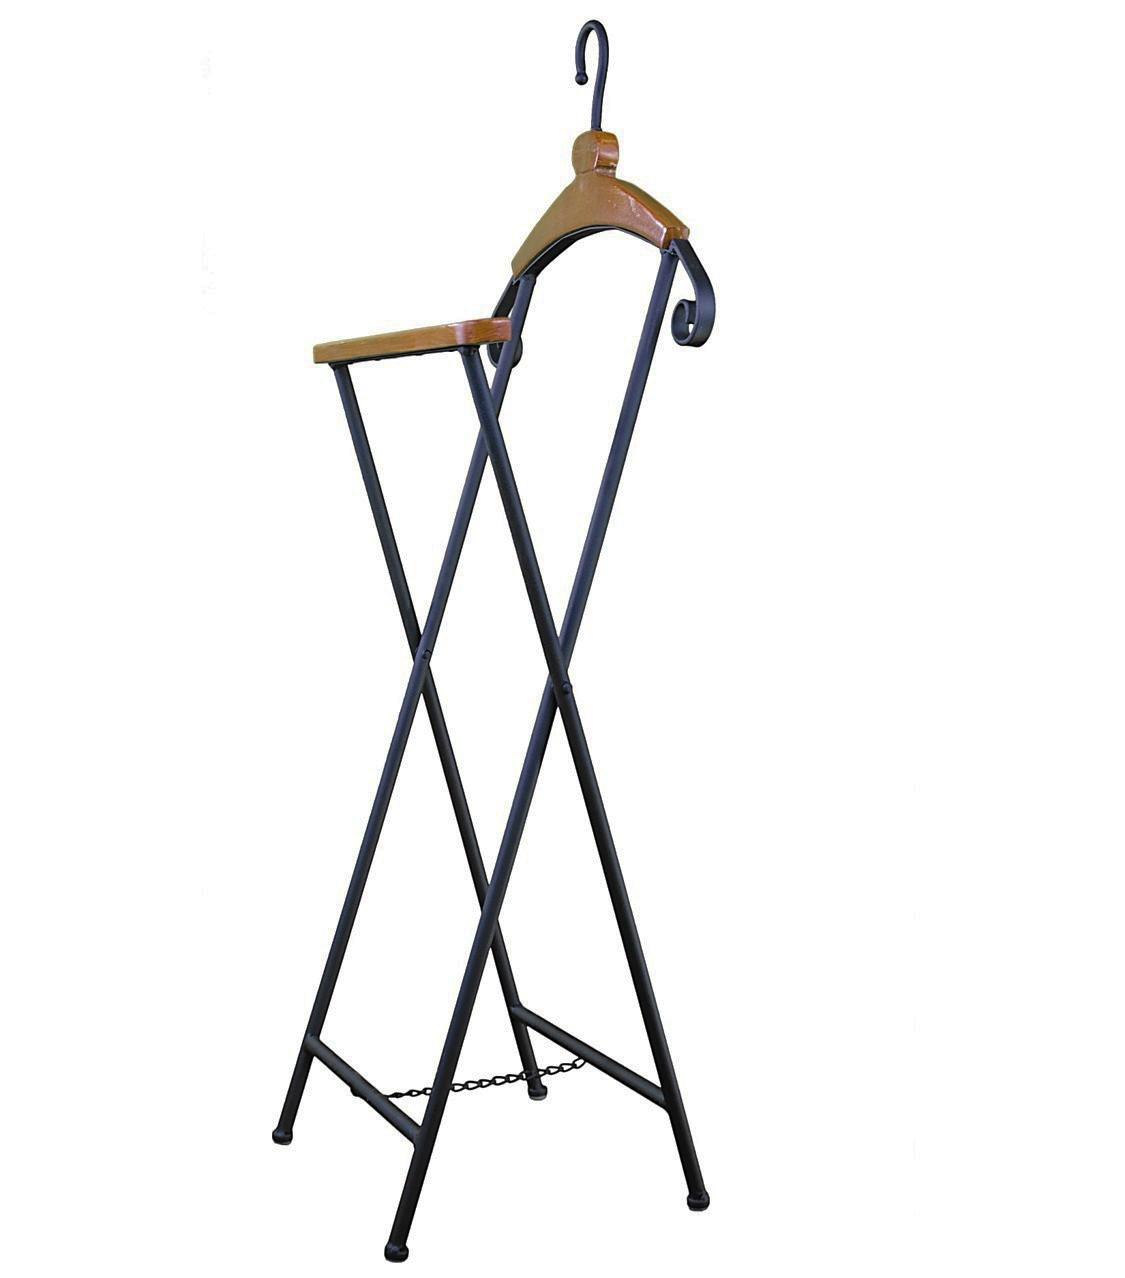 valet de chambre ou dressoir porte vtement de nuit en fer et bois patin noir 25x47x116cm lhritier du temps